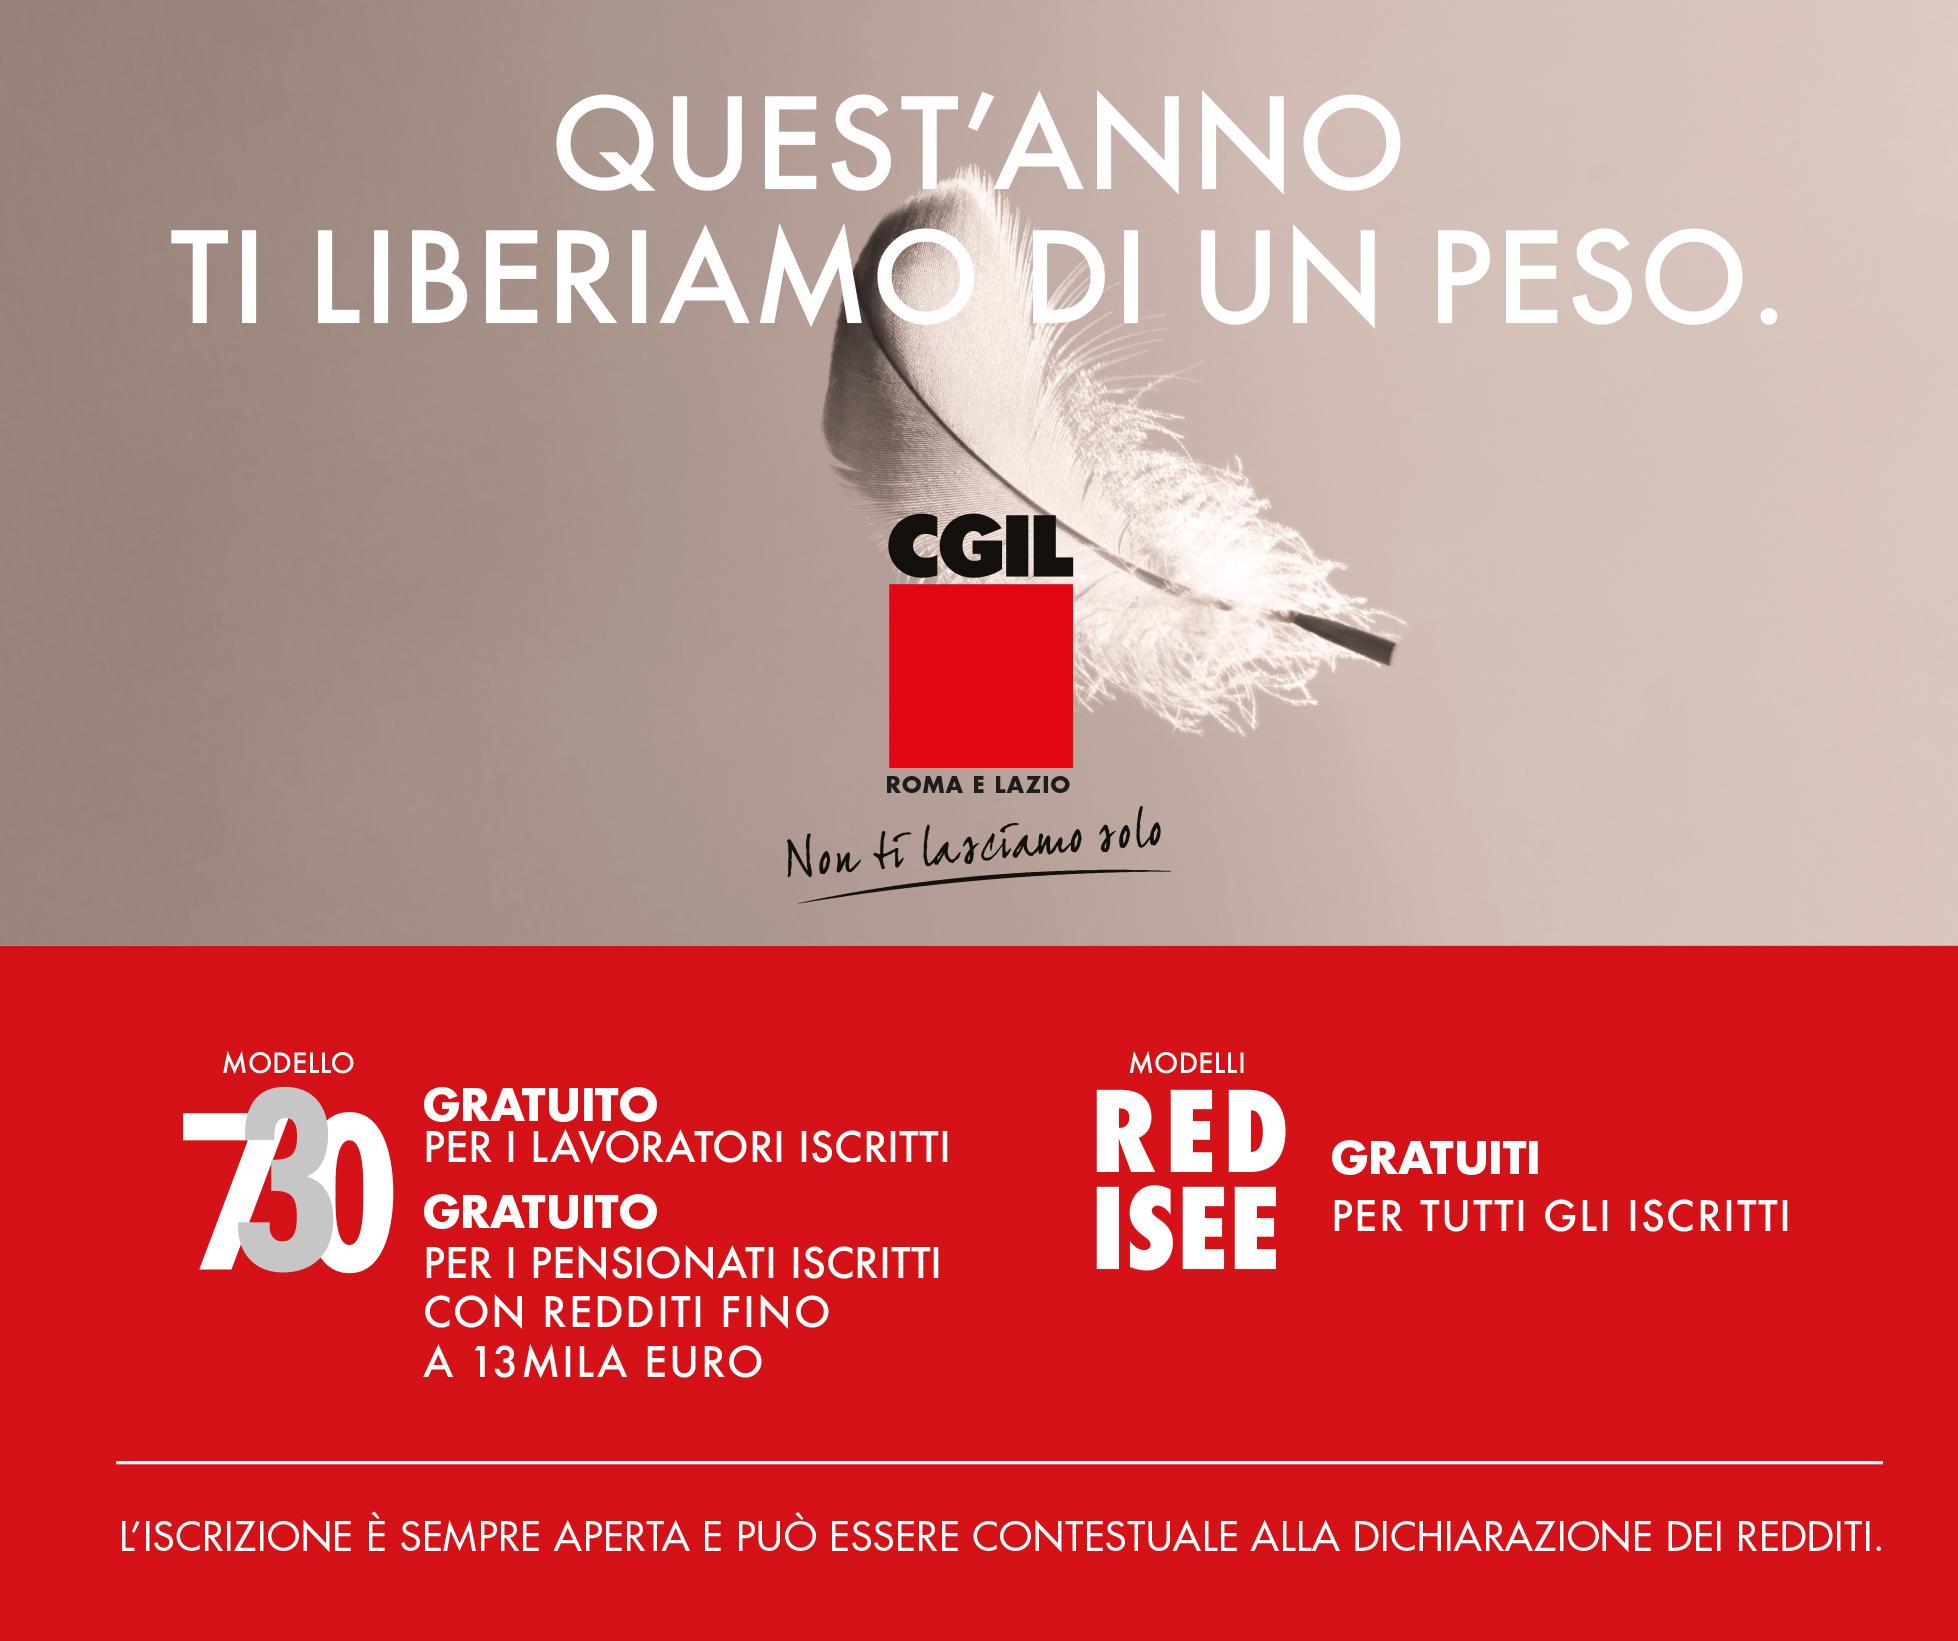 Lazio campagna 730 anno 2017 fisac portale nazionale for Scadenza modello 730 anno 2017